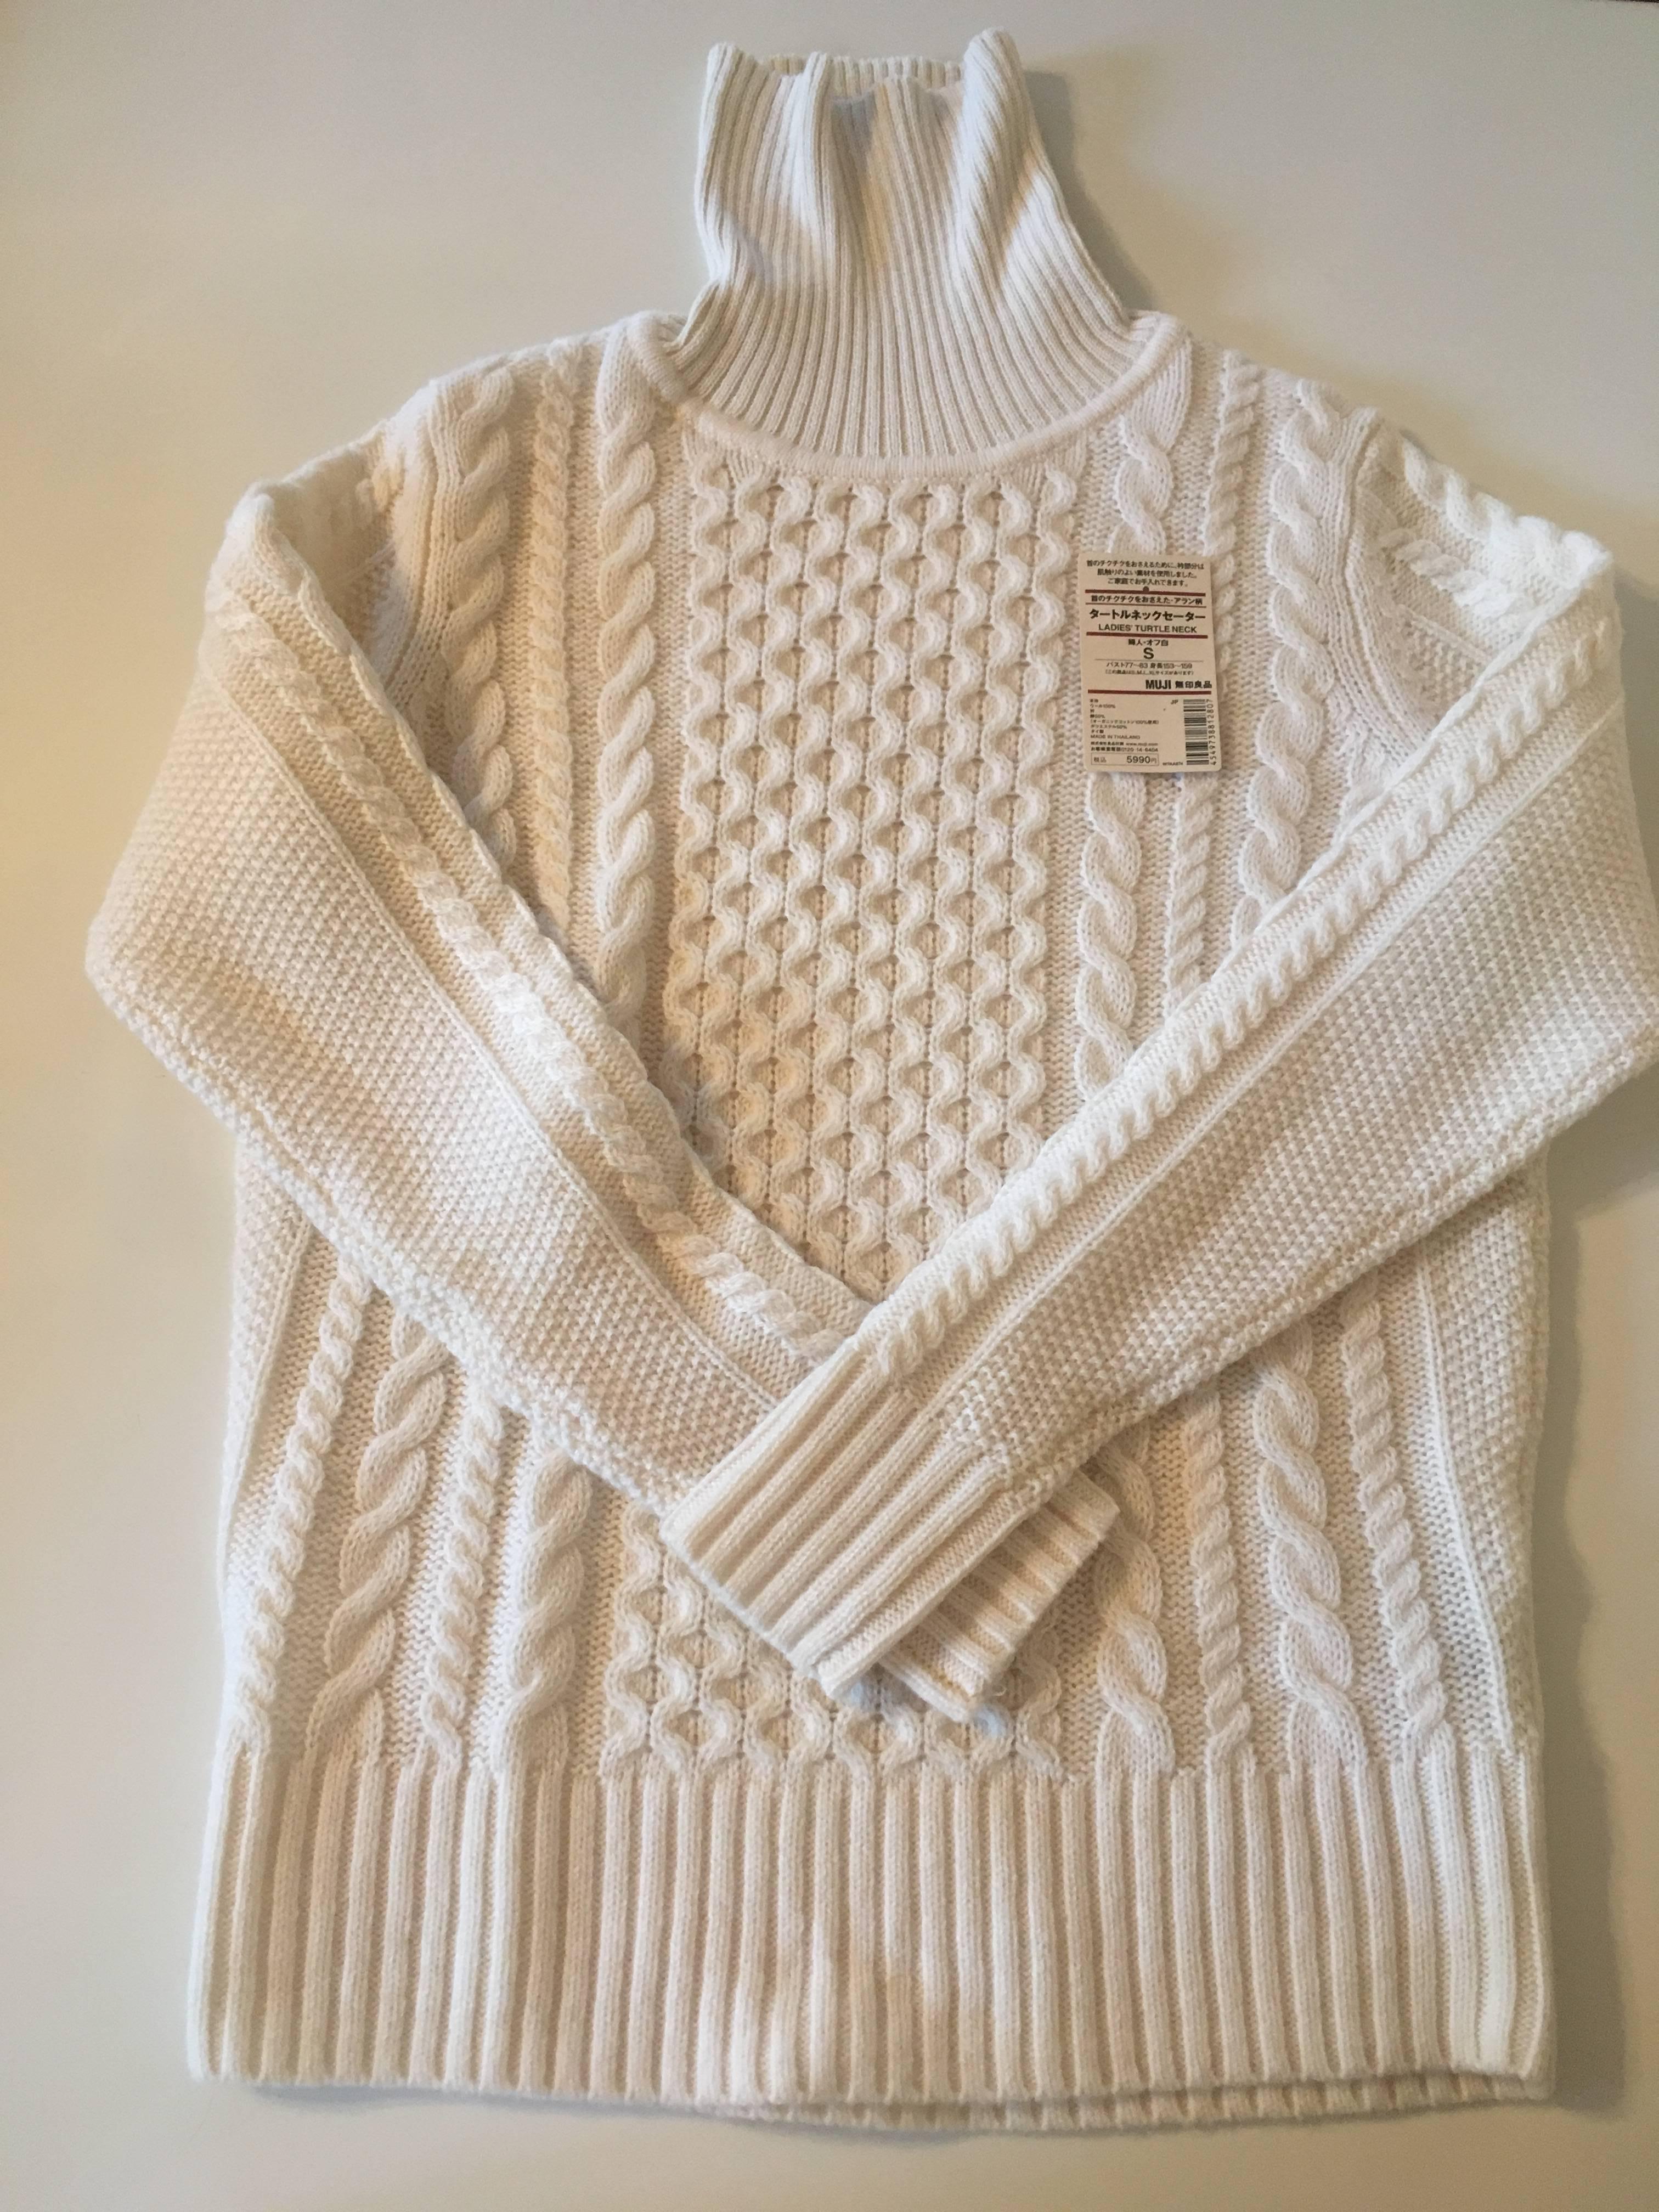 アラン柄のタートルネックセーターです。 大き過ぎず小さ過ぎず、ほどよいサイズ感です^ ^